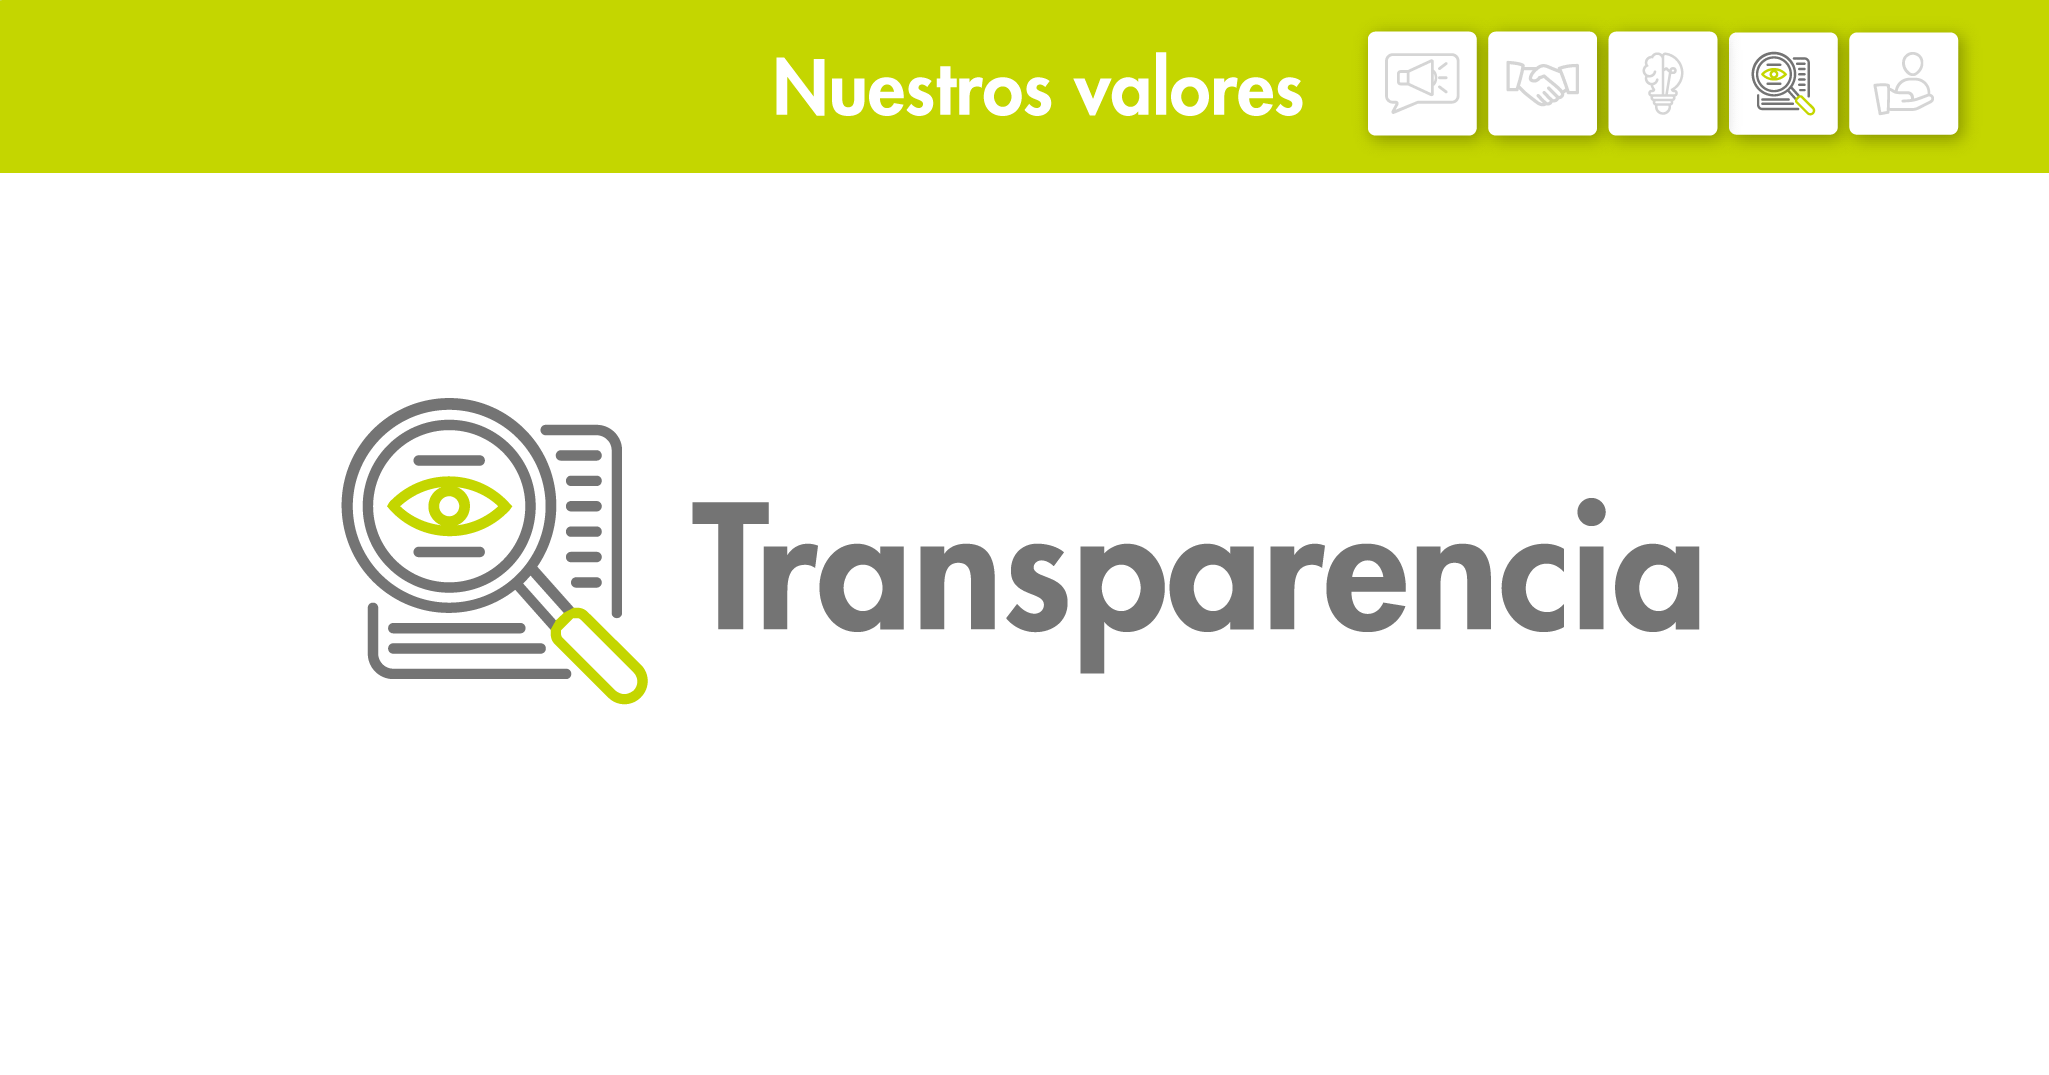 Nuestros valores: Transparencia